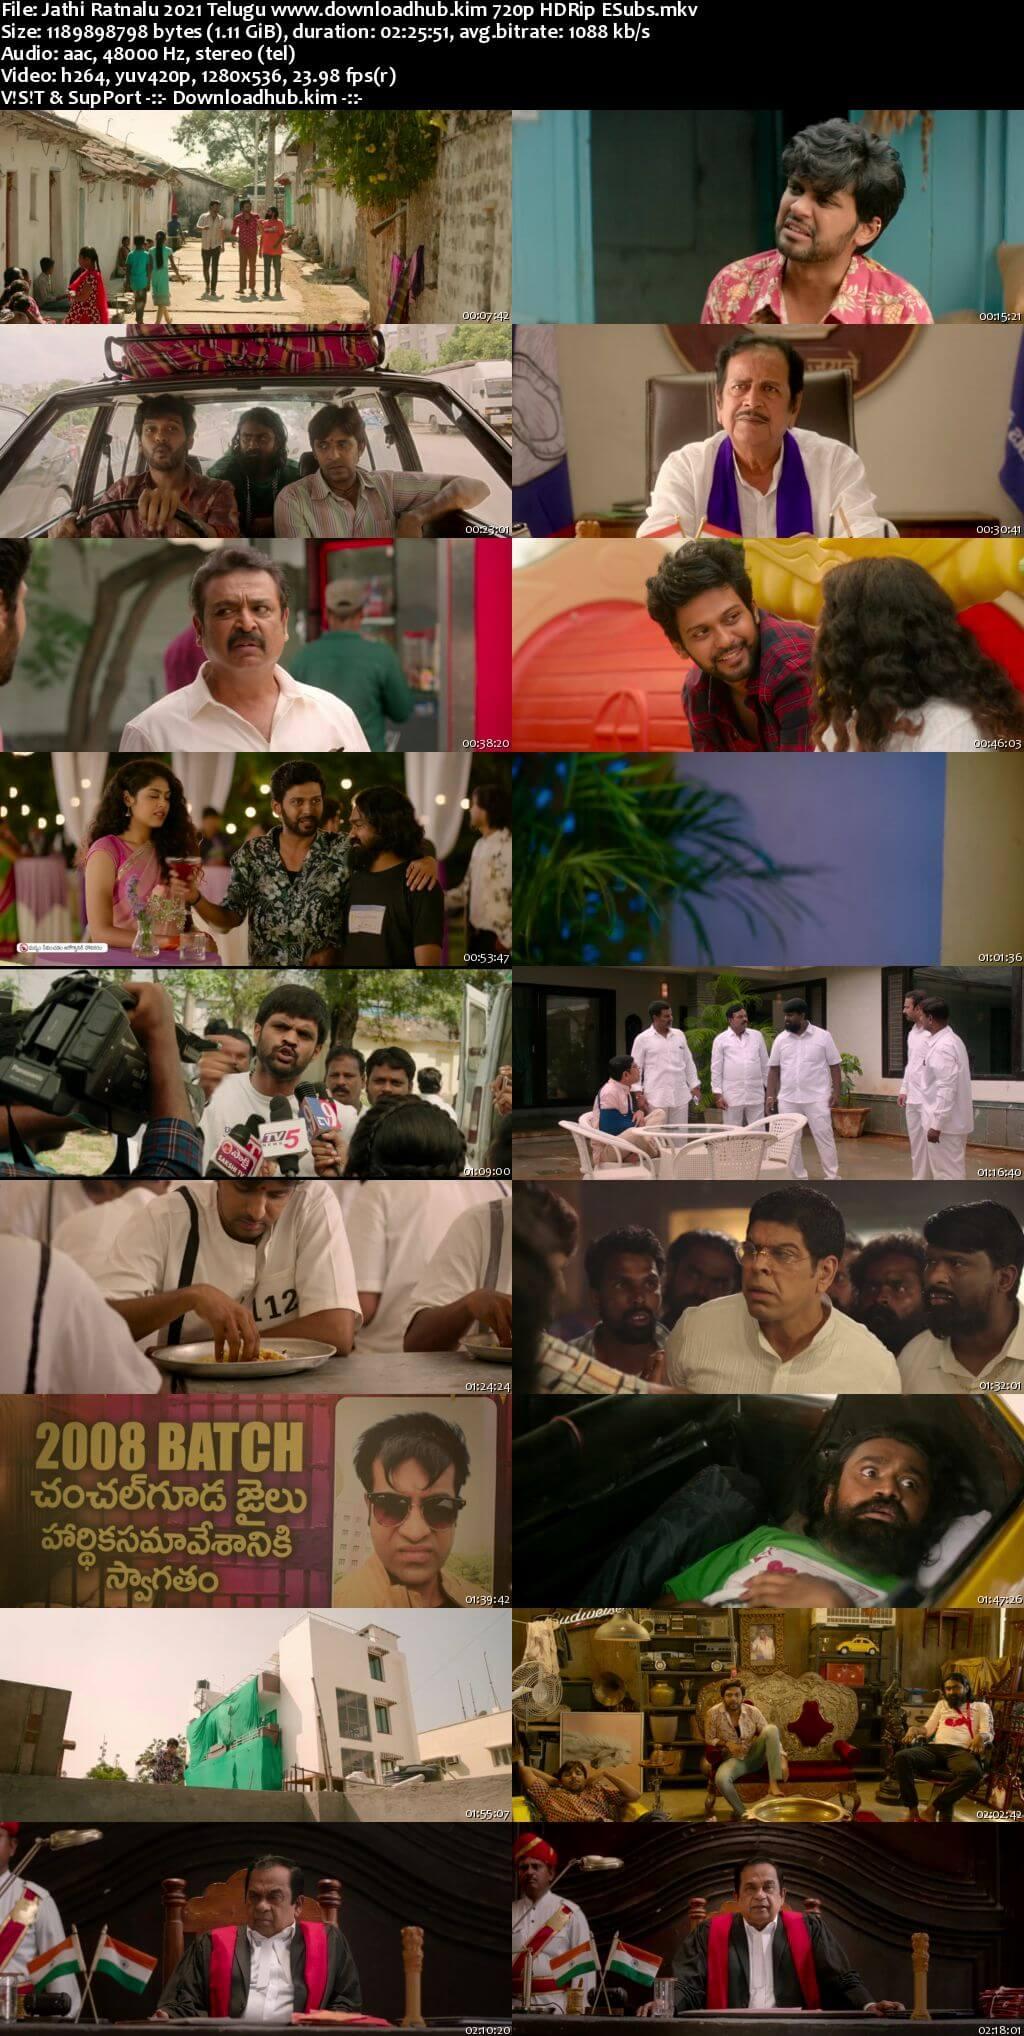 Jathi Ratnalu 2021 Telugu 720p HDRip ESubs